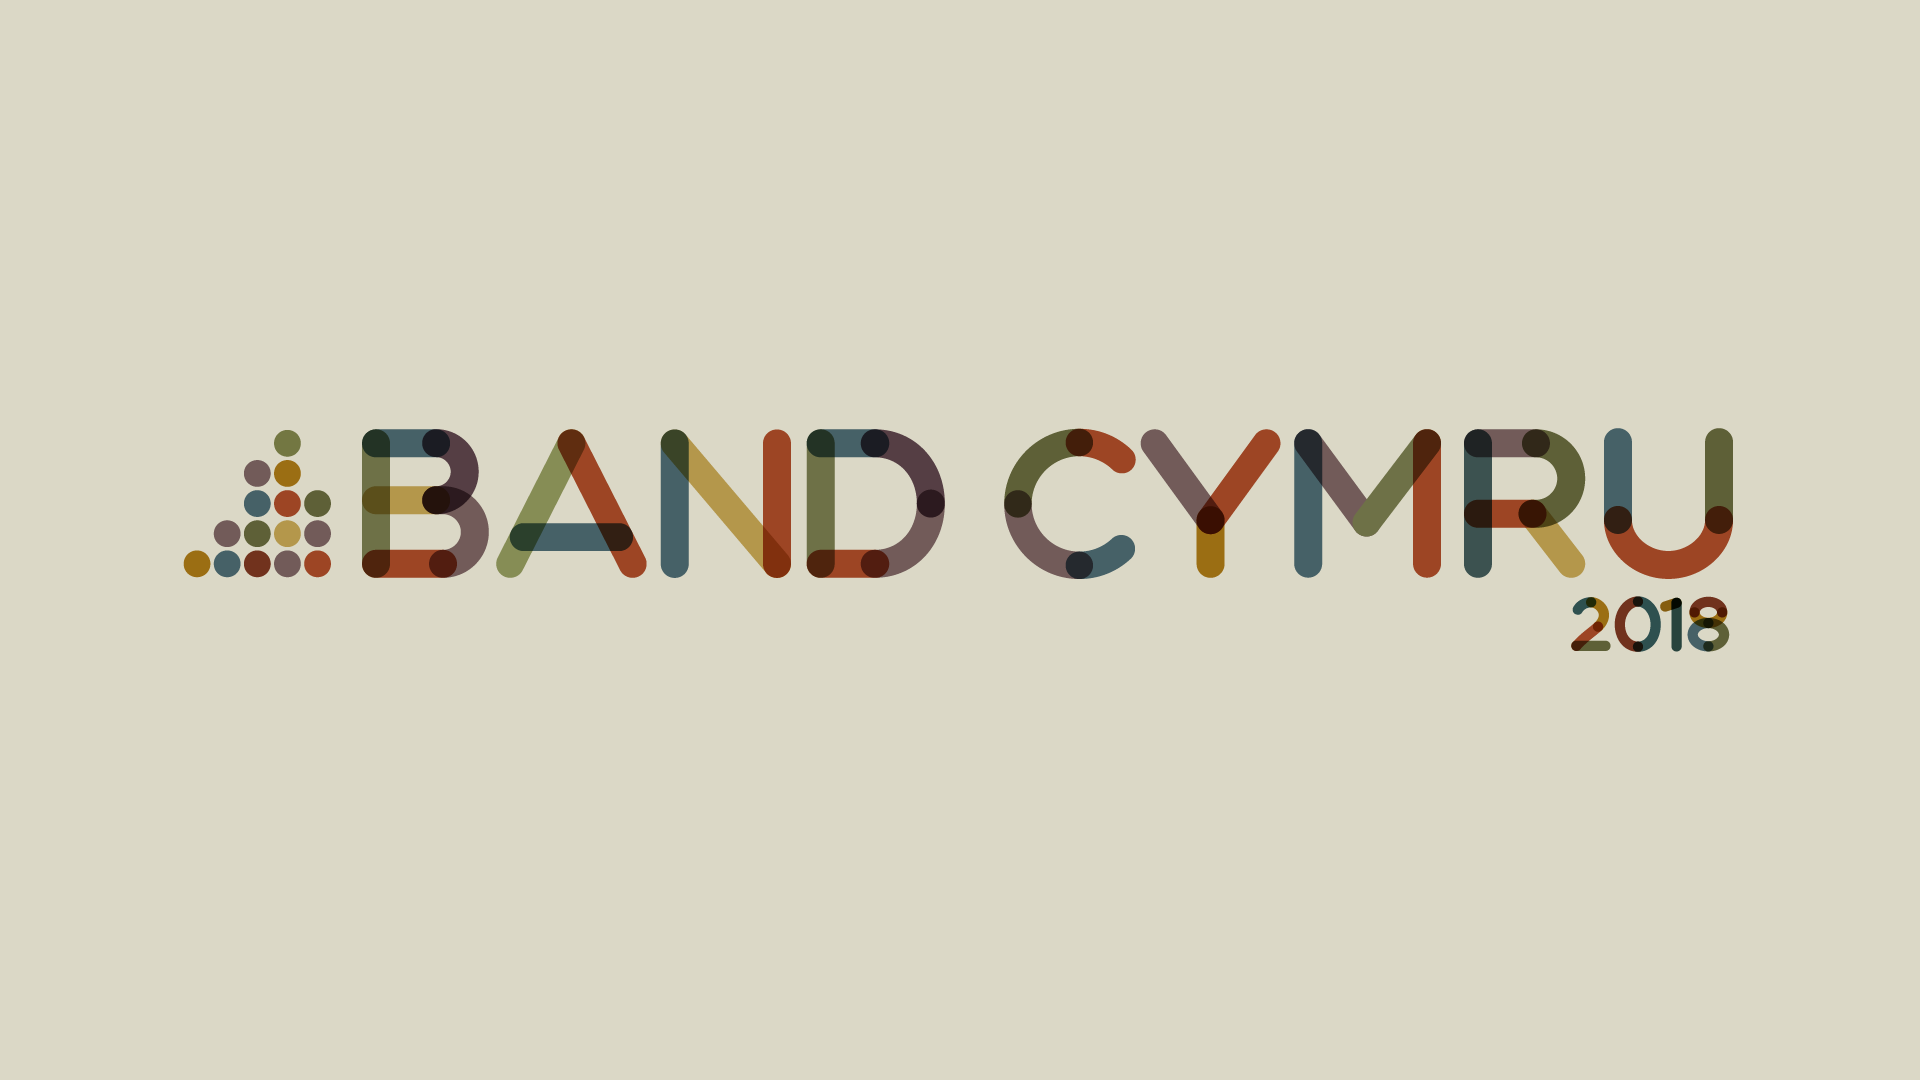 bandcymru2018-cefndir